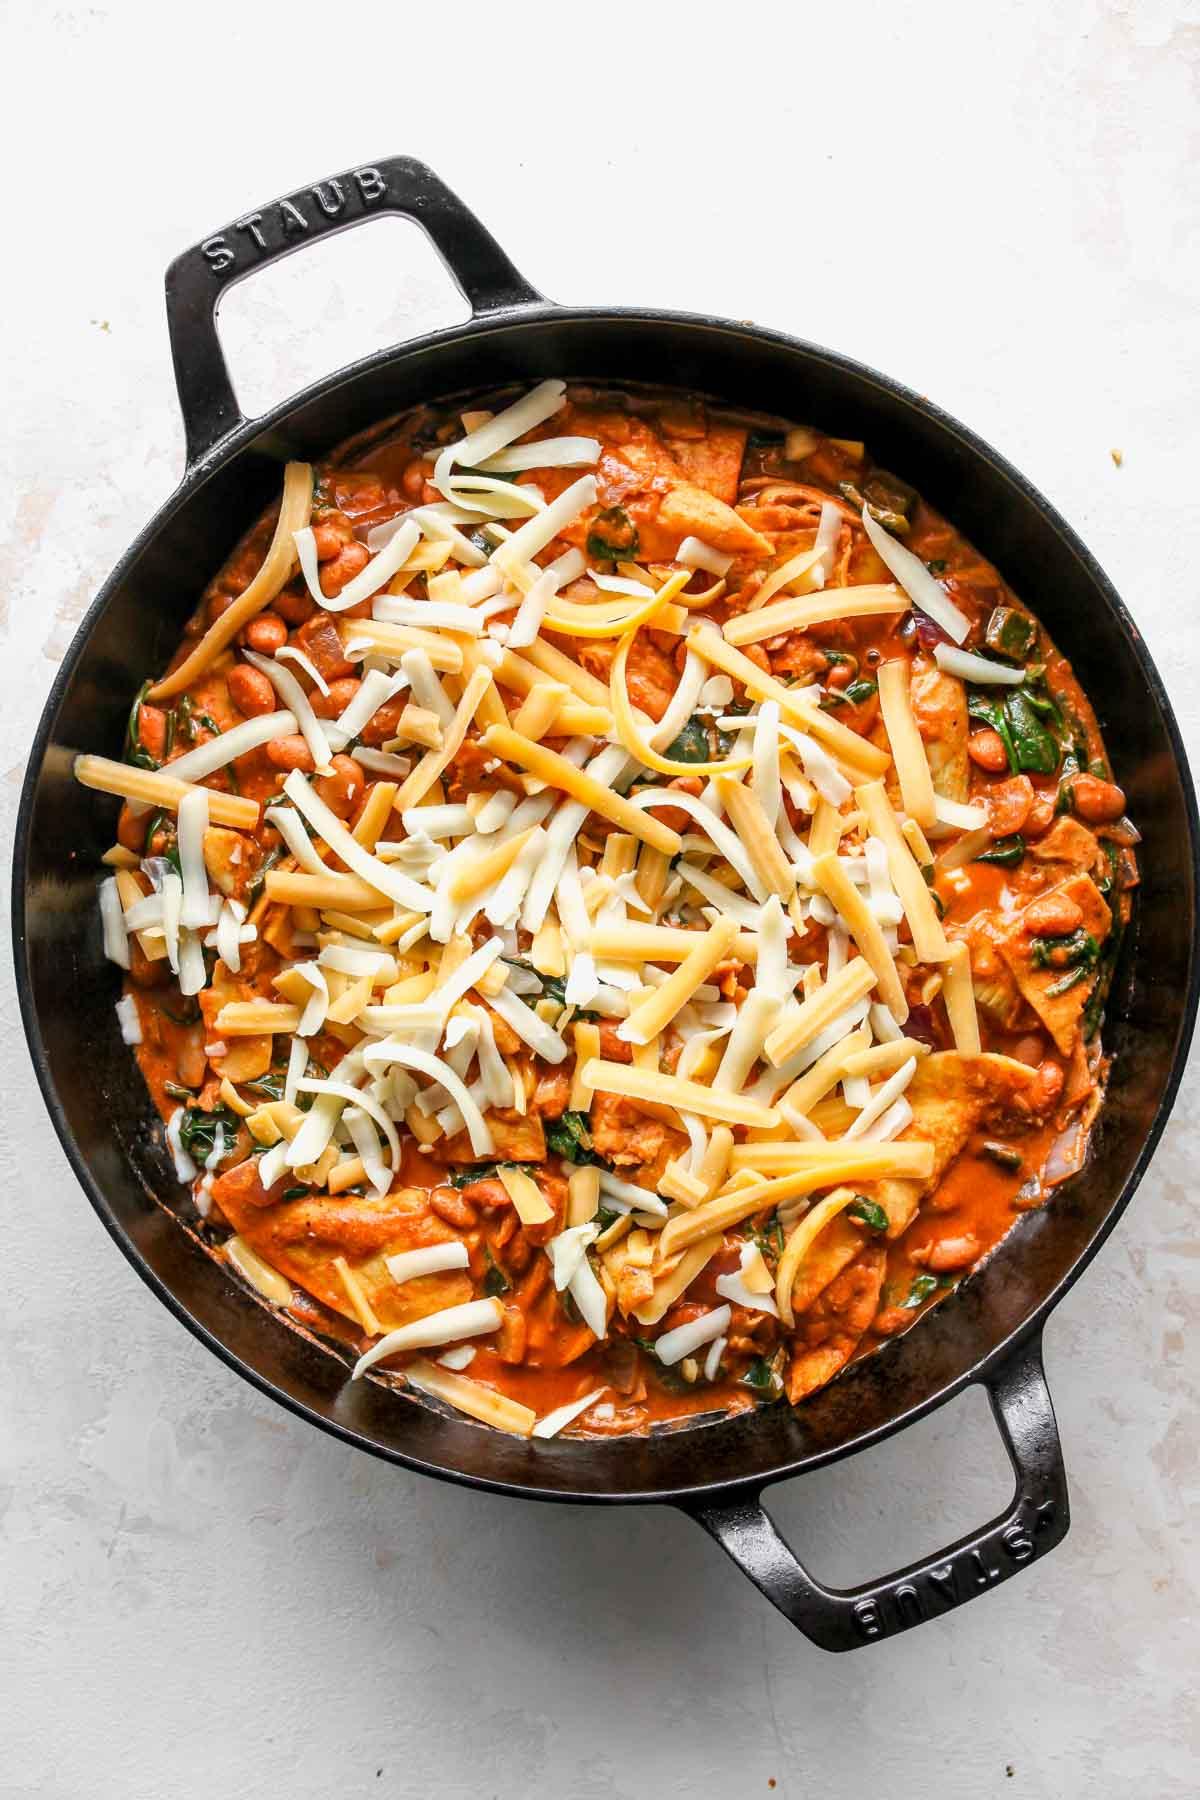 Sebzeler ve enchilada sosu karışımı üzerine serpilen peynir